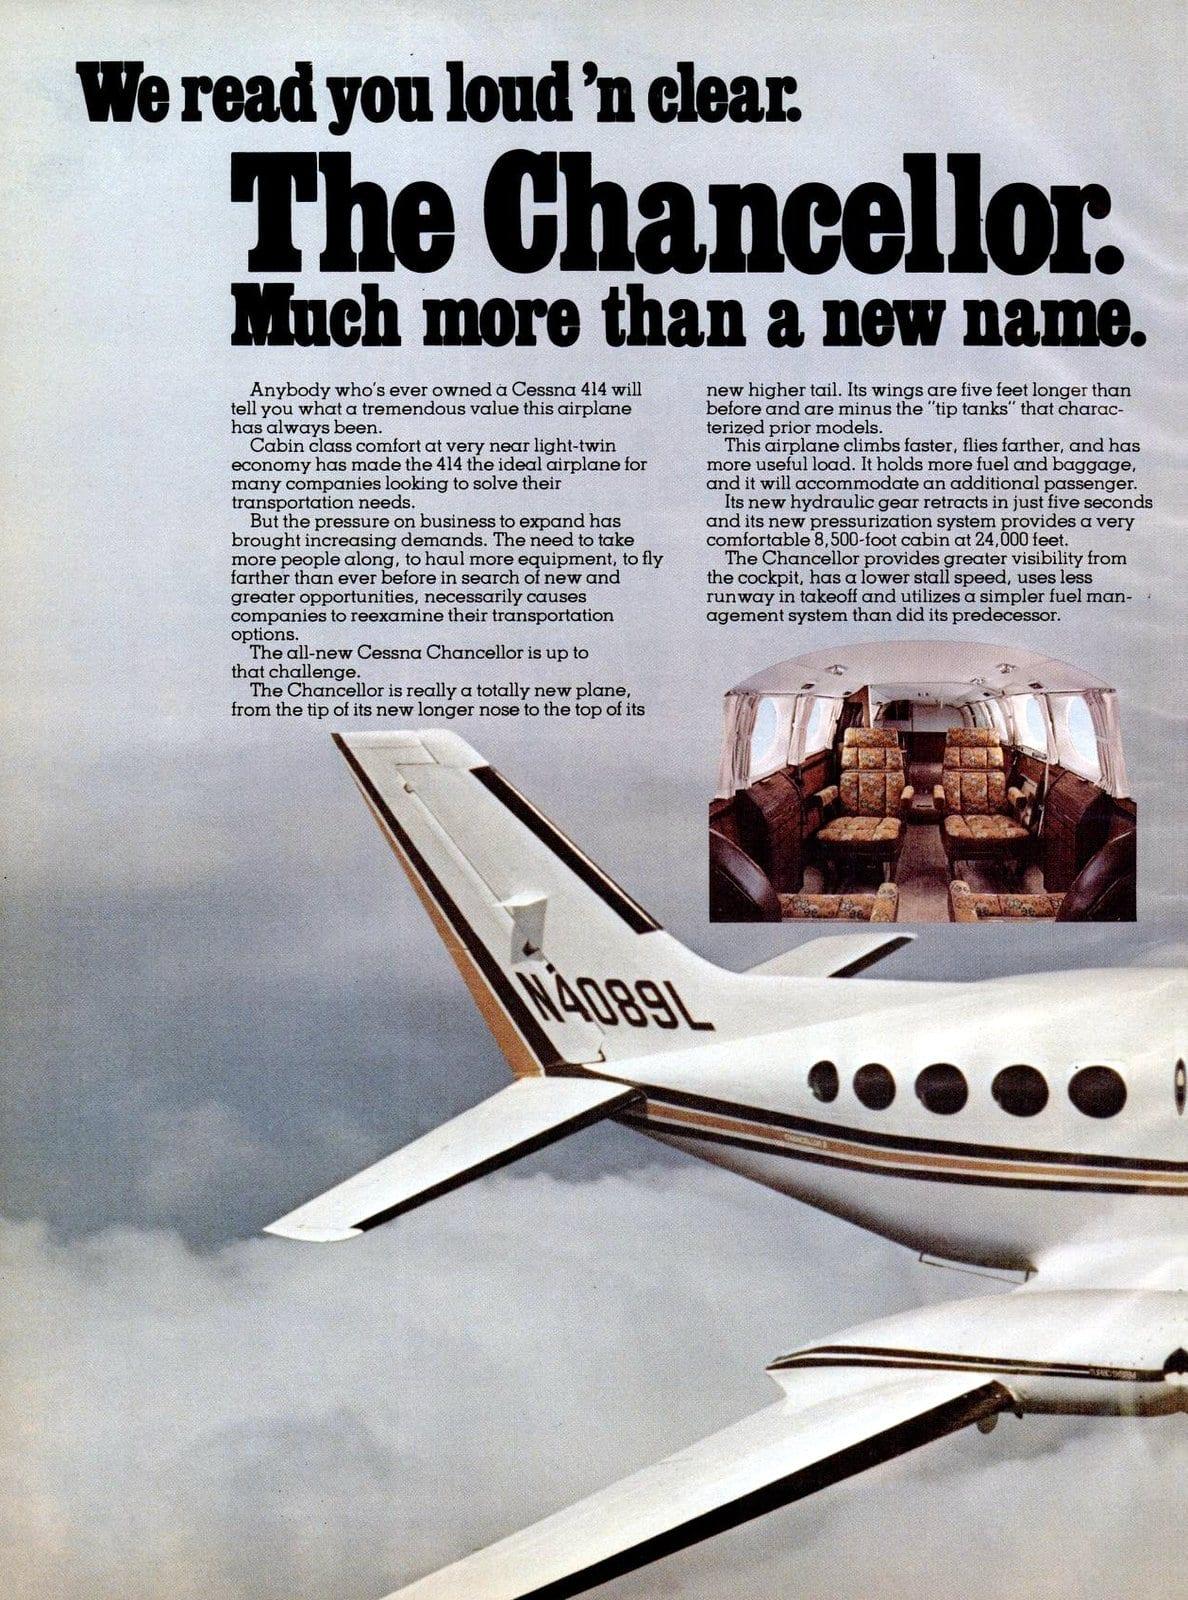 Vintage Cessna Chancellor plane (1977)